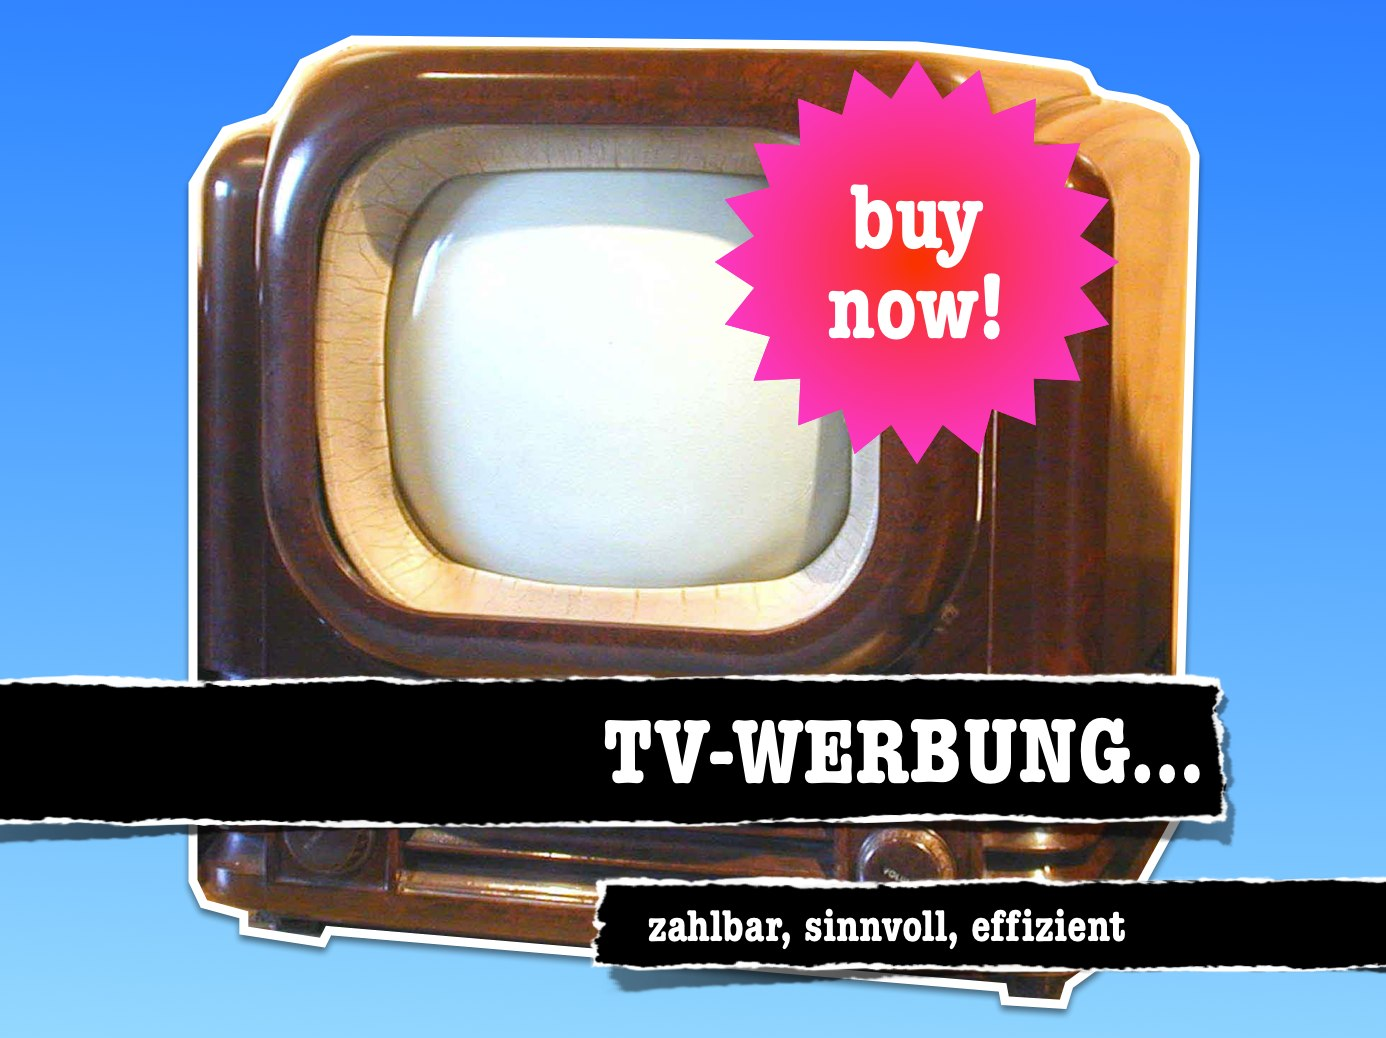 TV-Werbung